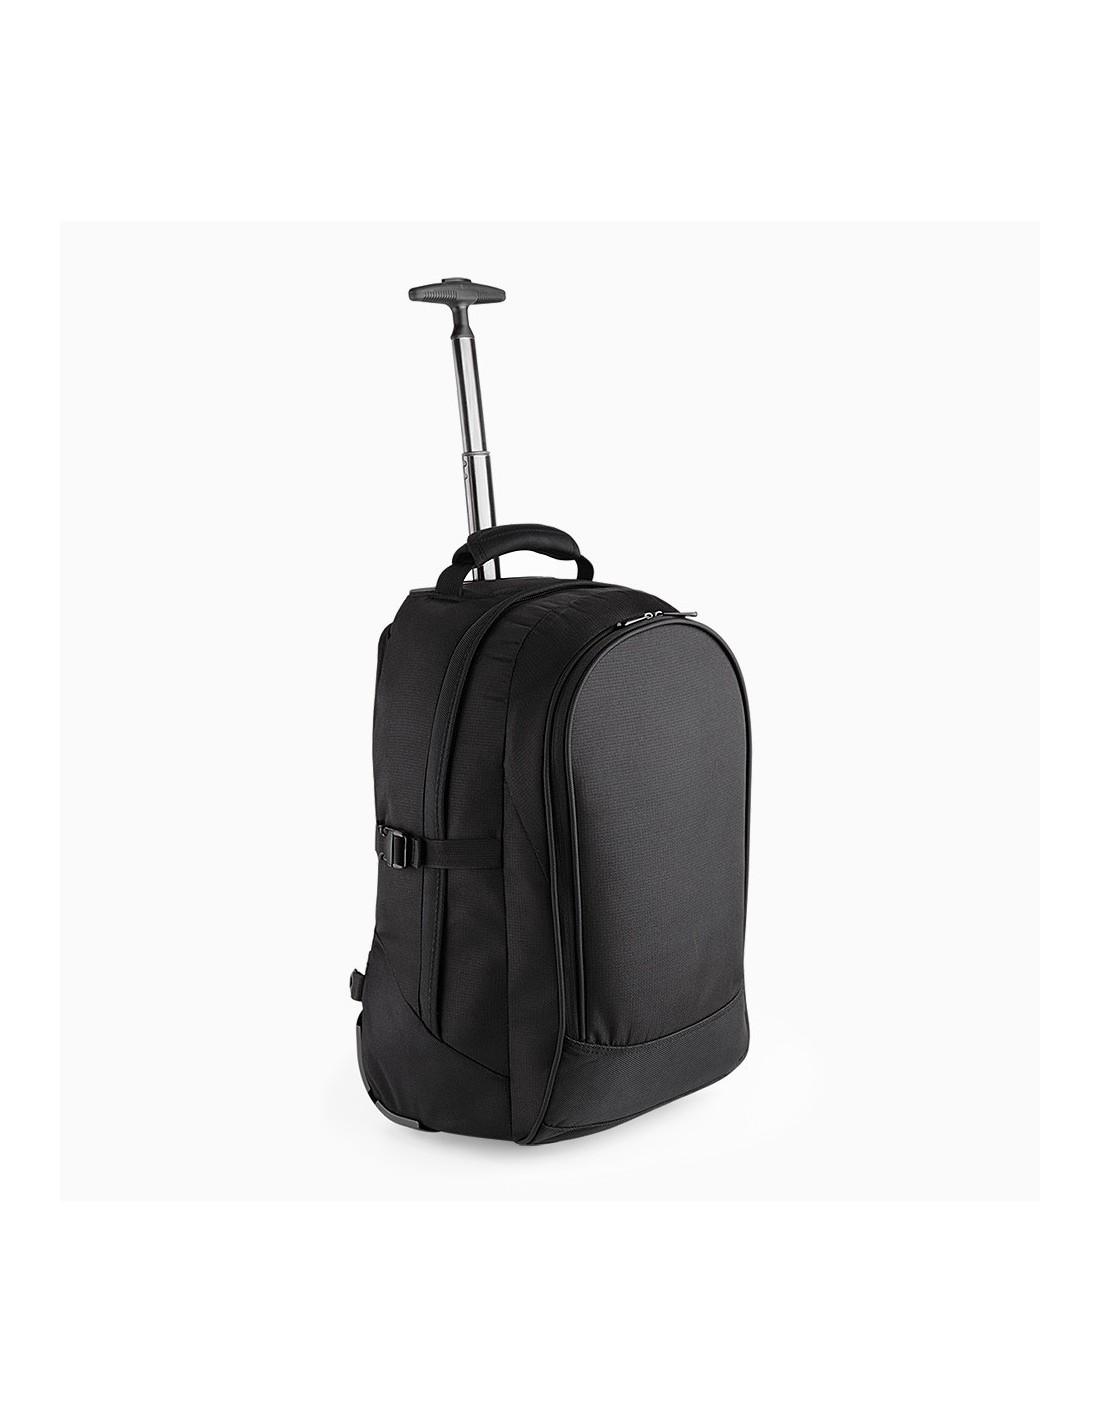 69b03e530e646 Torba Podróżna na Kółkach - Plecak Vessel™ z własnym nadrukiem